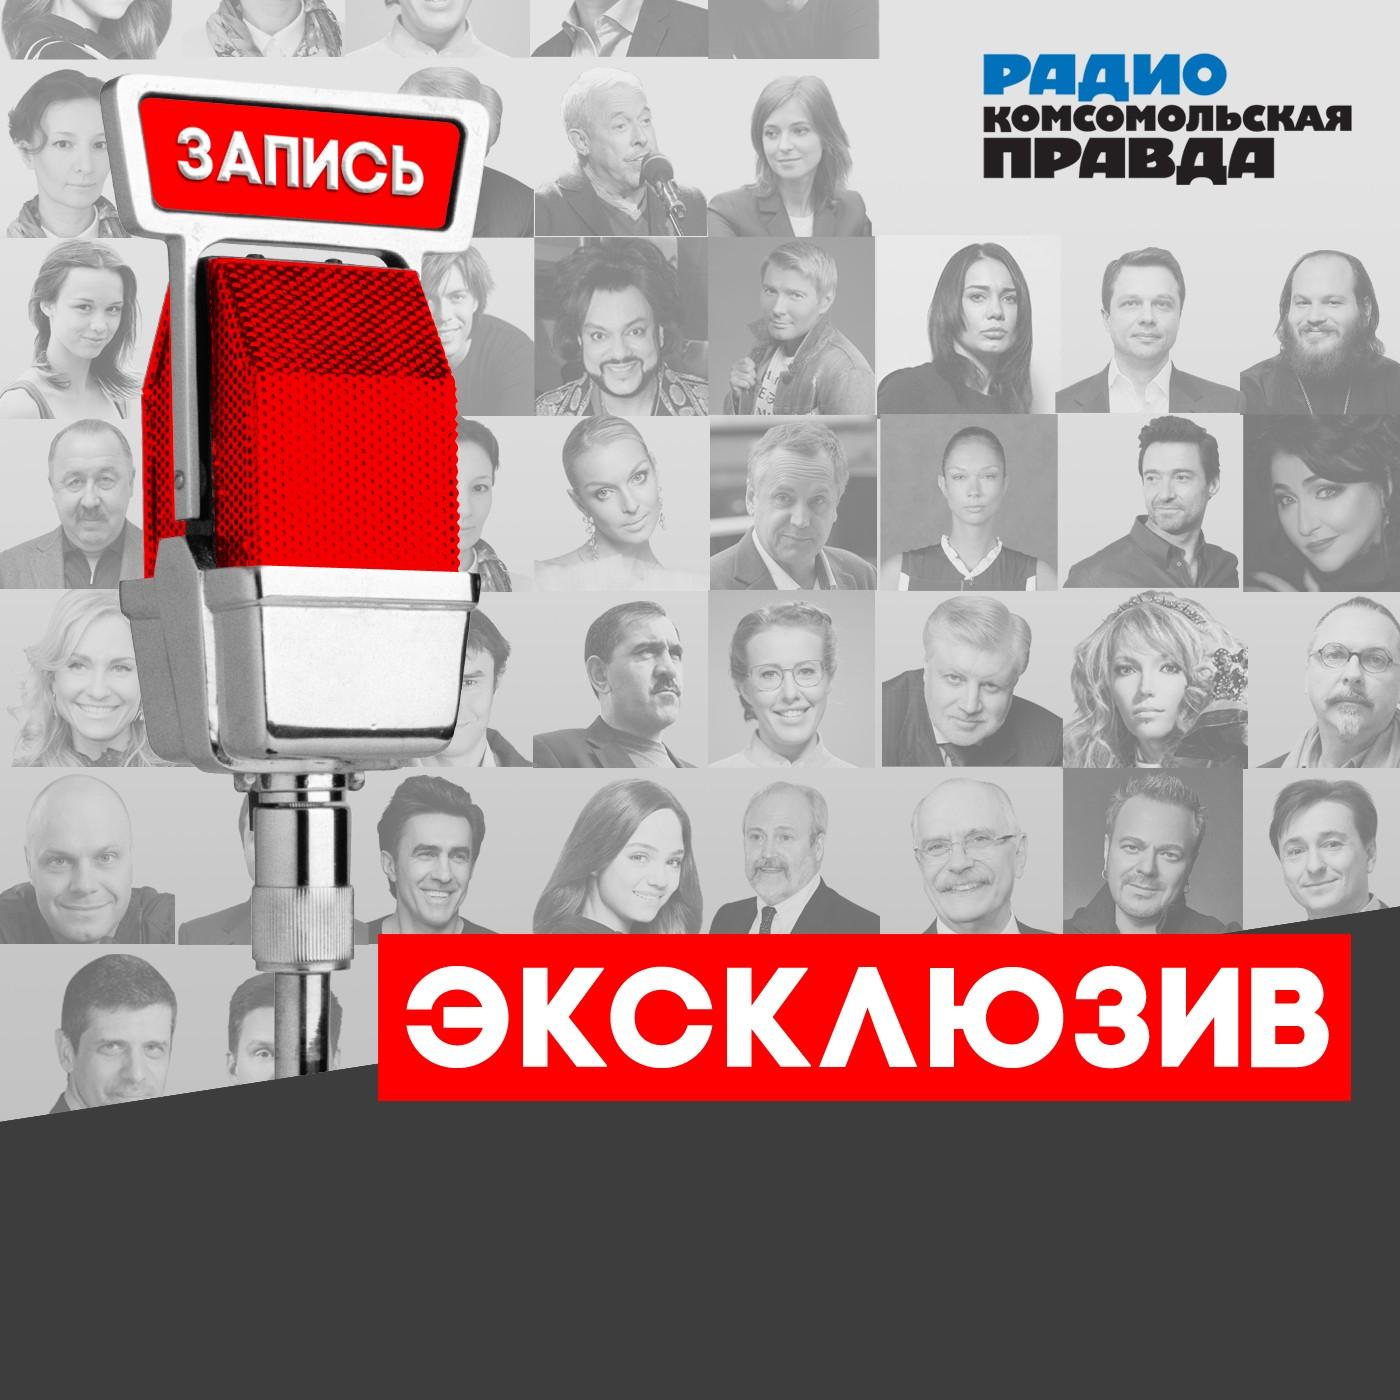 Юрий Пронько: Почему я решил порвать с либеральной оппозицией